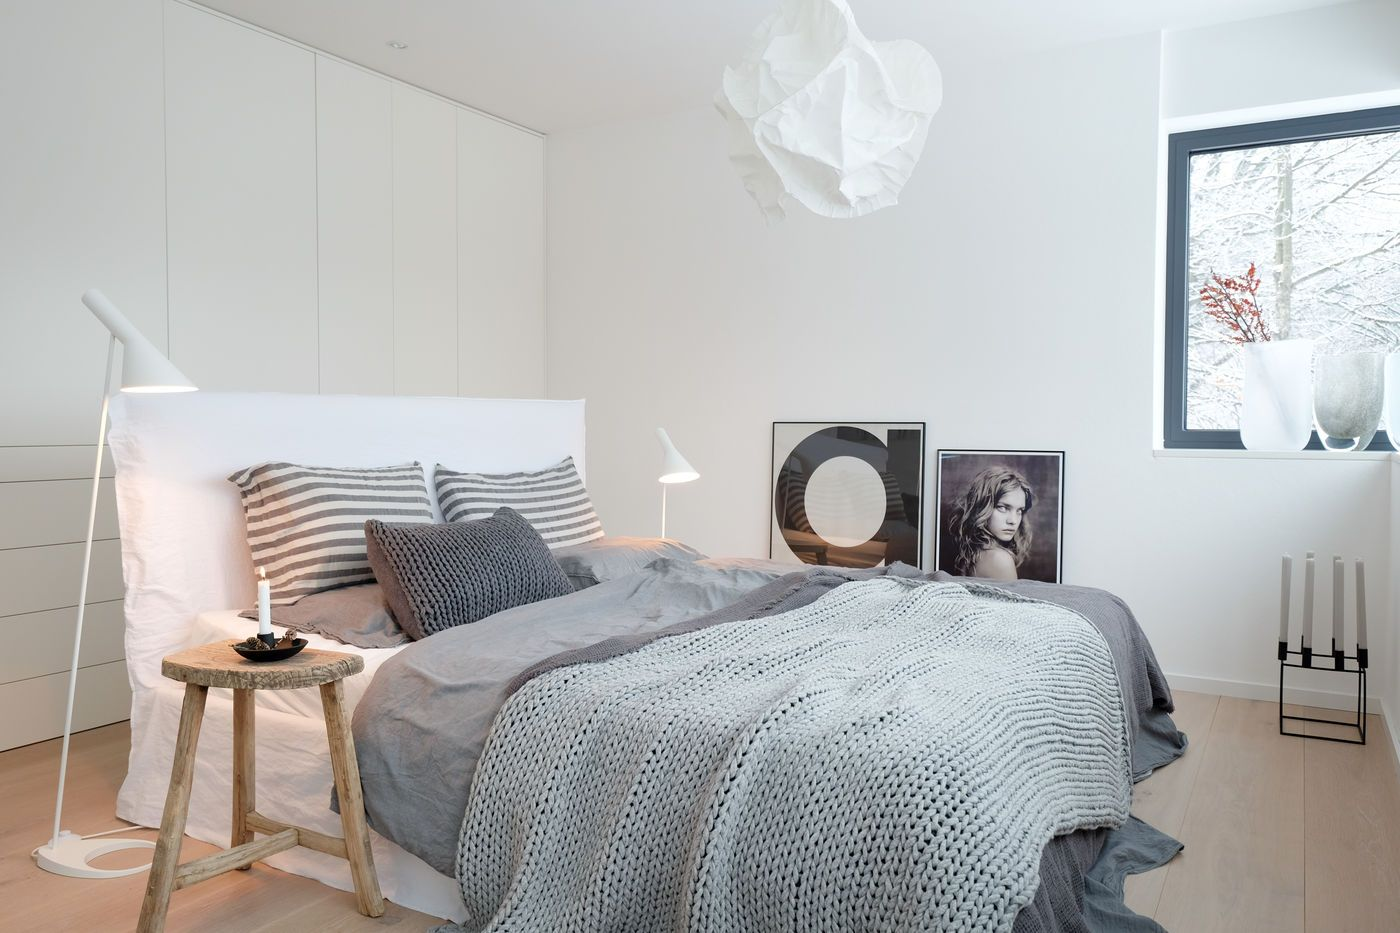 superior schlafzimmer skandinavisch #1: skandinavische Schlafzimmer. Winterschlafzimmer